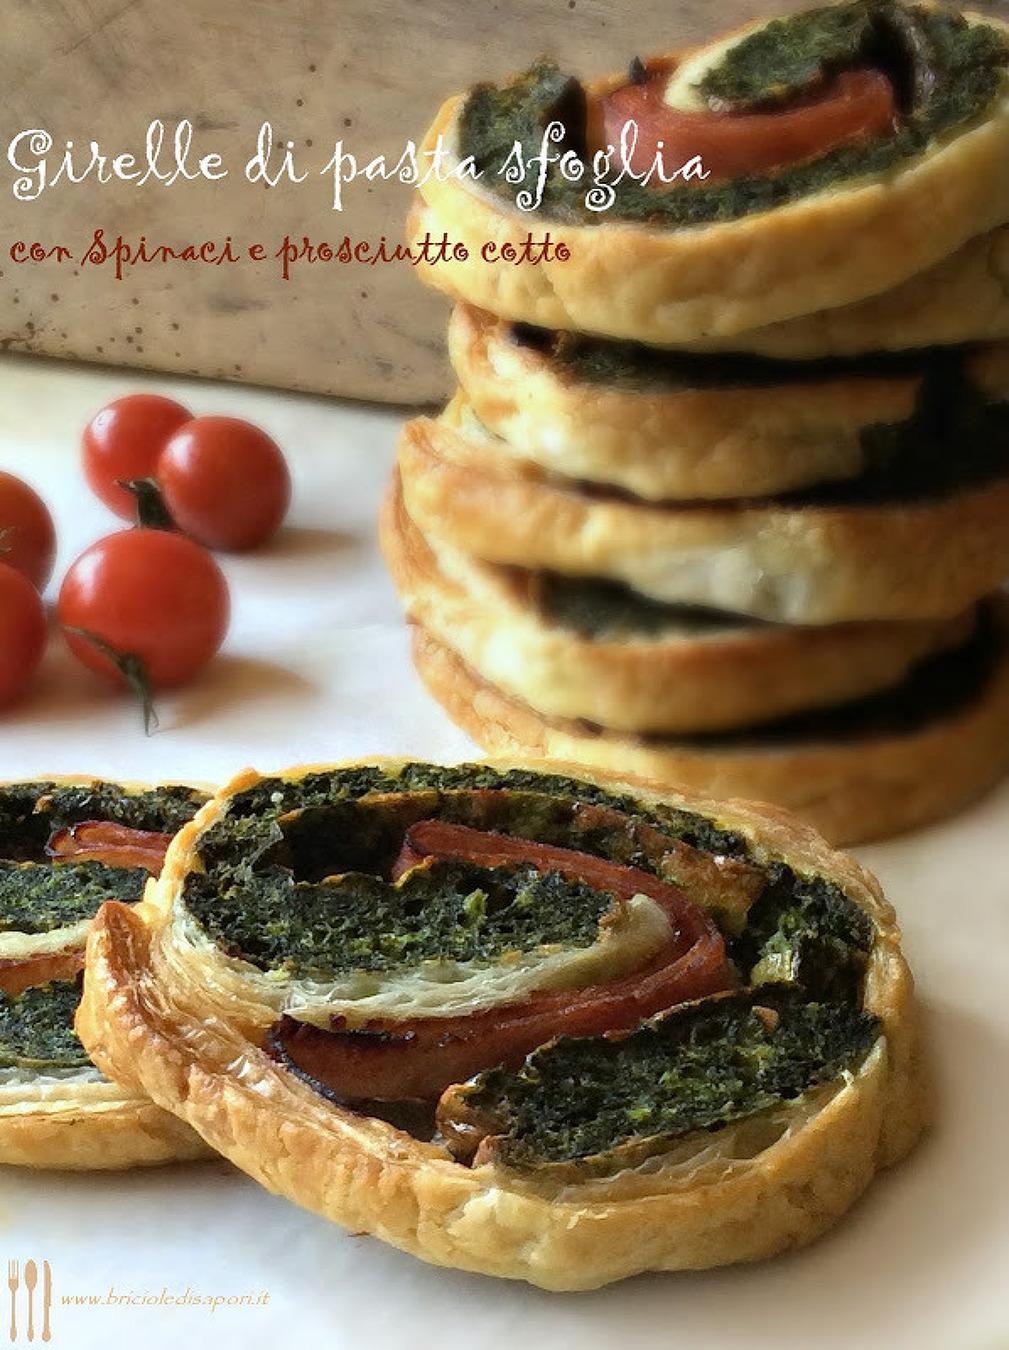 Girelle di pasta sfoglia con spinaci e prosciutto cotto